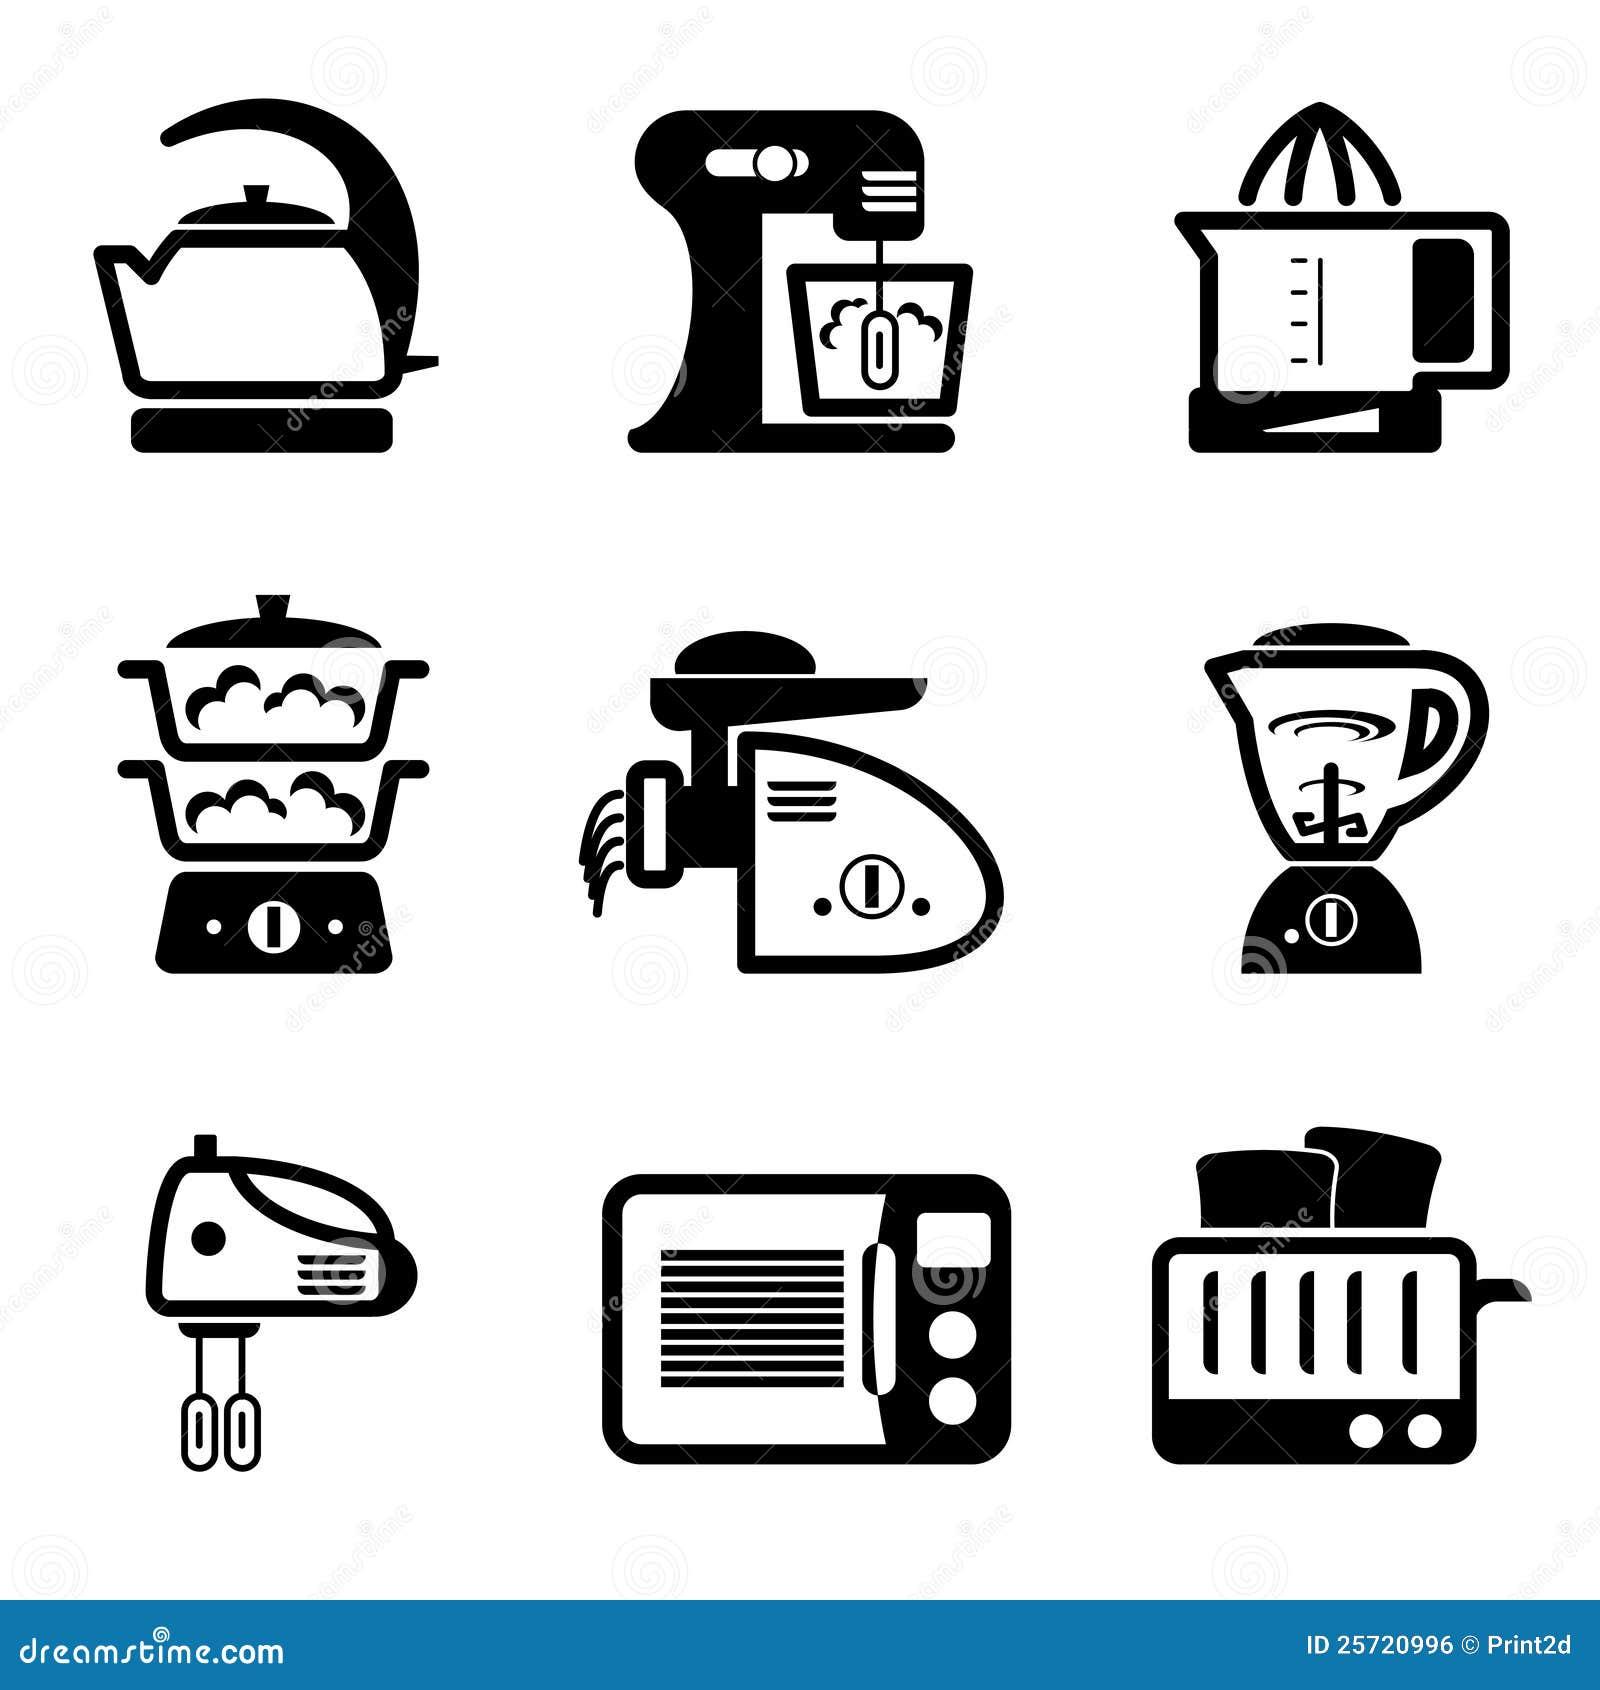 Iconos de los utensilios de cocina imagen de archivo libre for Remates articulos de cocina